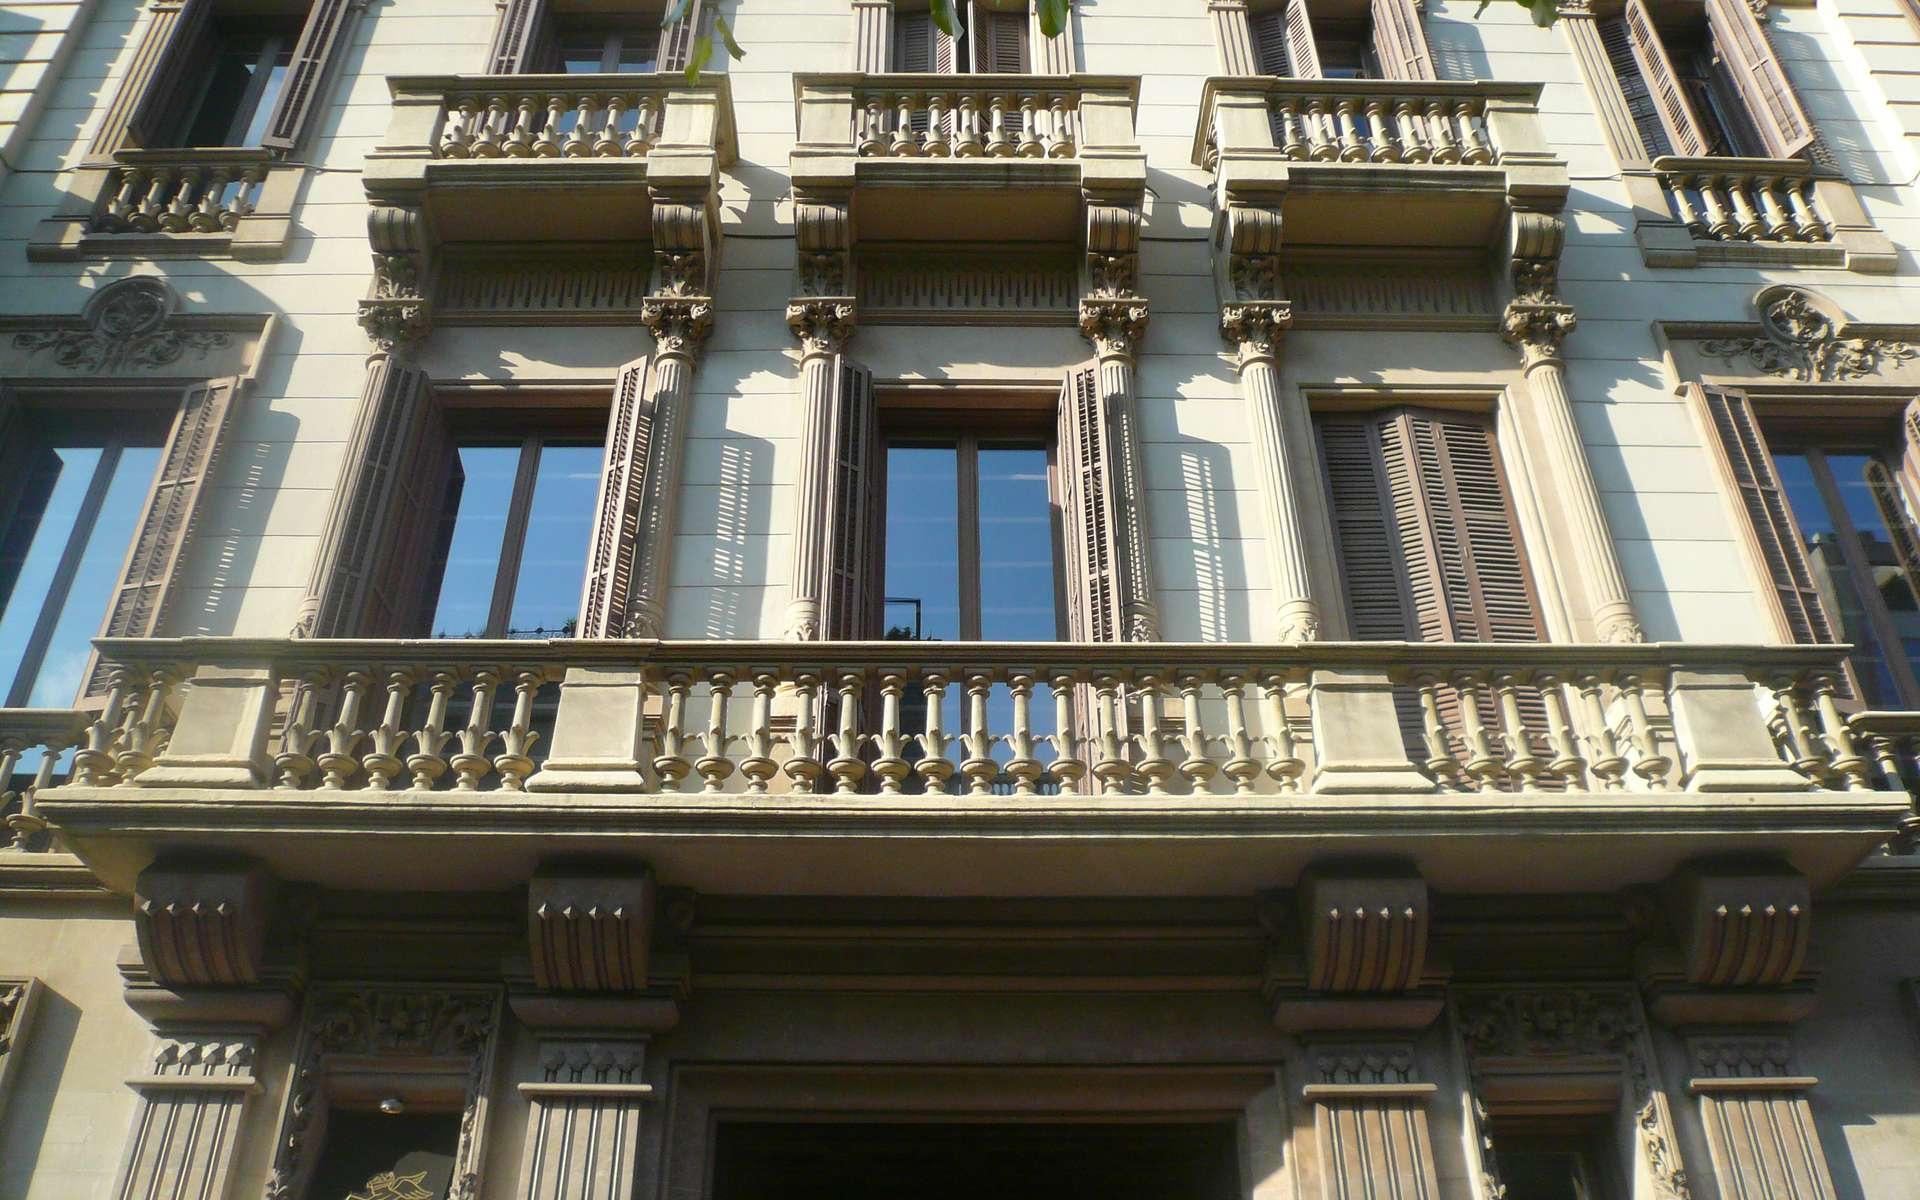 Un balcon peut être esthétique et avoir des balustrades originales, parfois travaillées dans la pierre comme ici. © Pere López, CC BY-SA 3.0, Wikimedia Commons